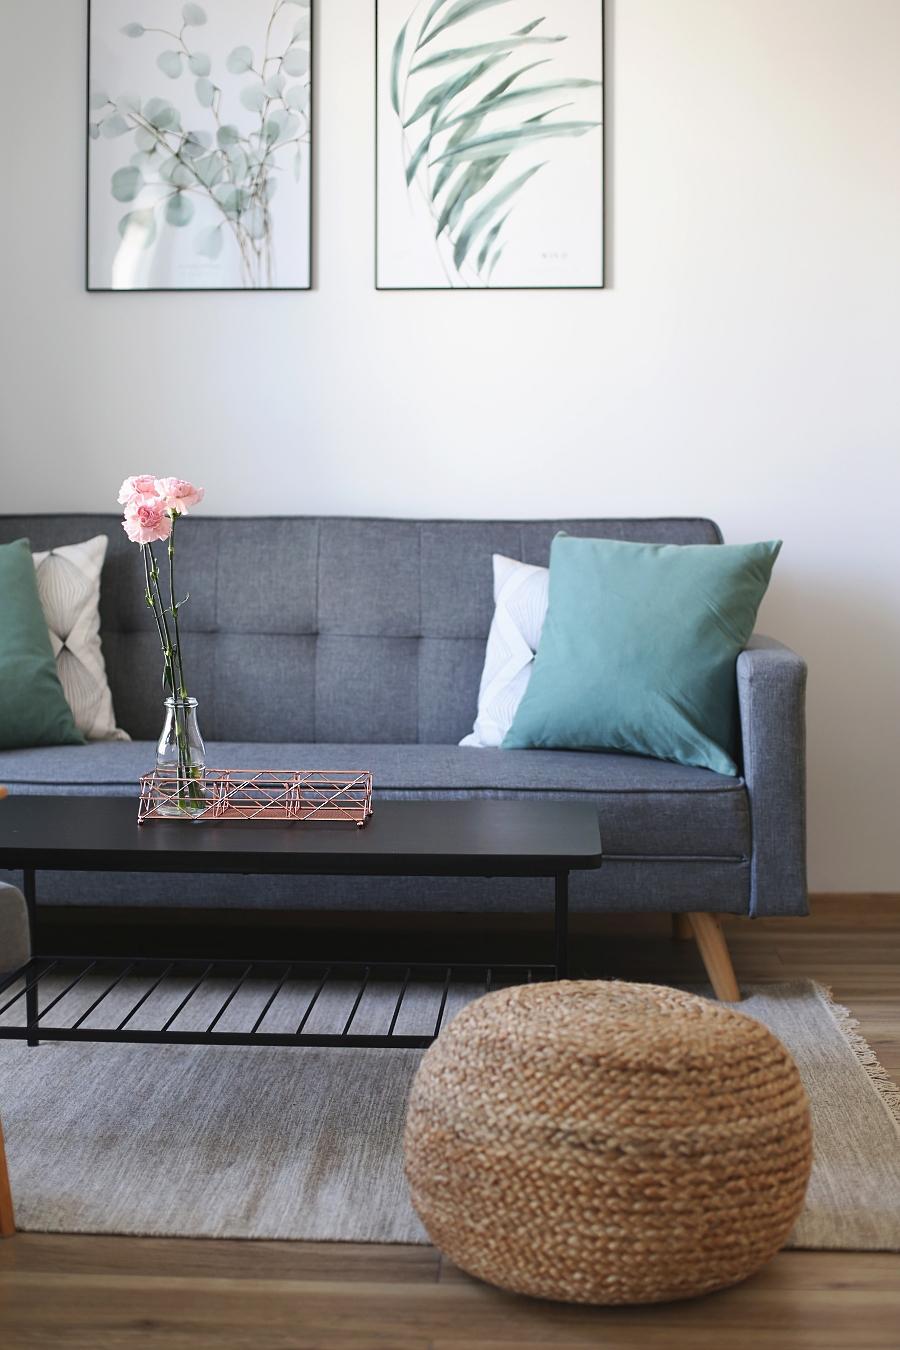 Salon z zielonymi akcentami – obrazy Margo Hupert, pufa pleciona, kanapa na drewnianych nóżkach, czarny stolik